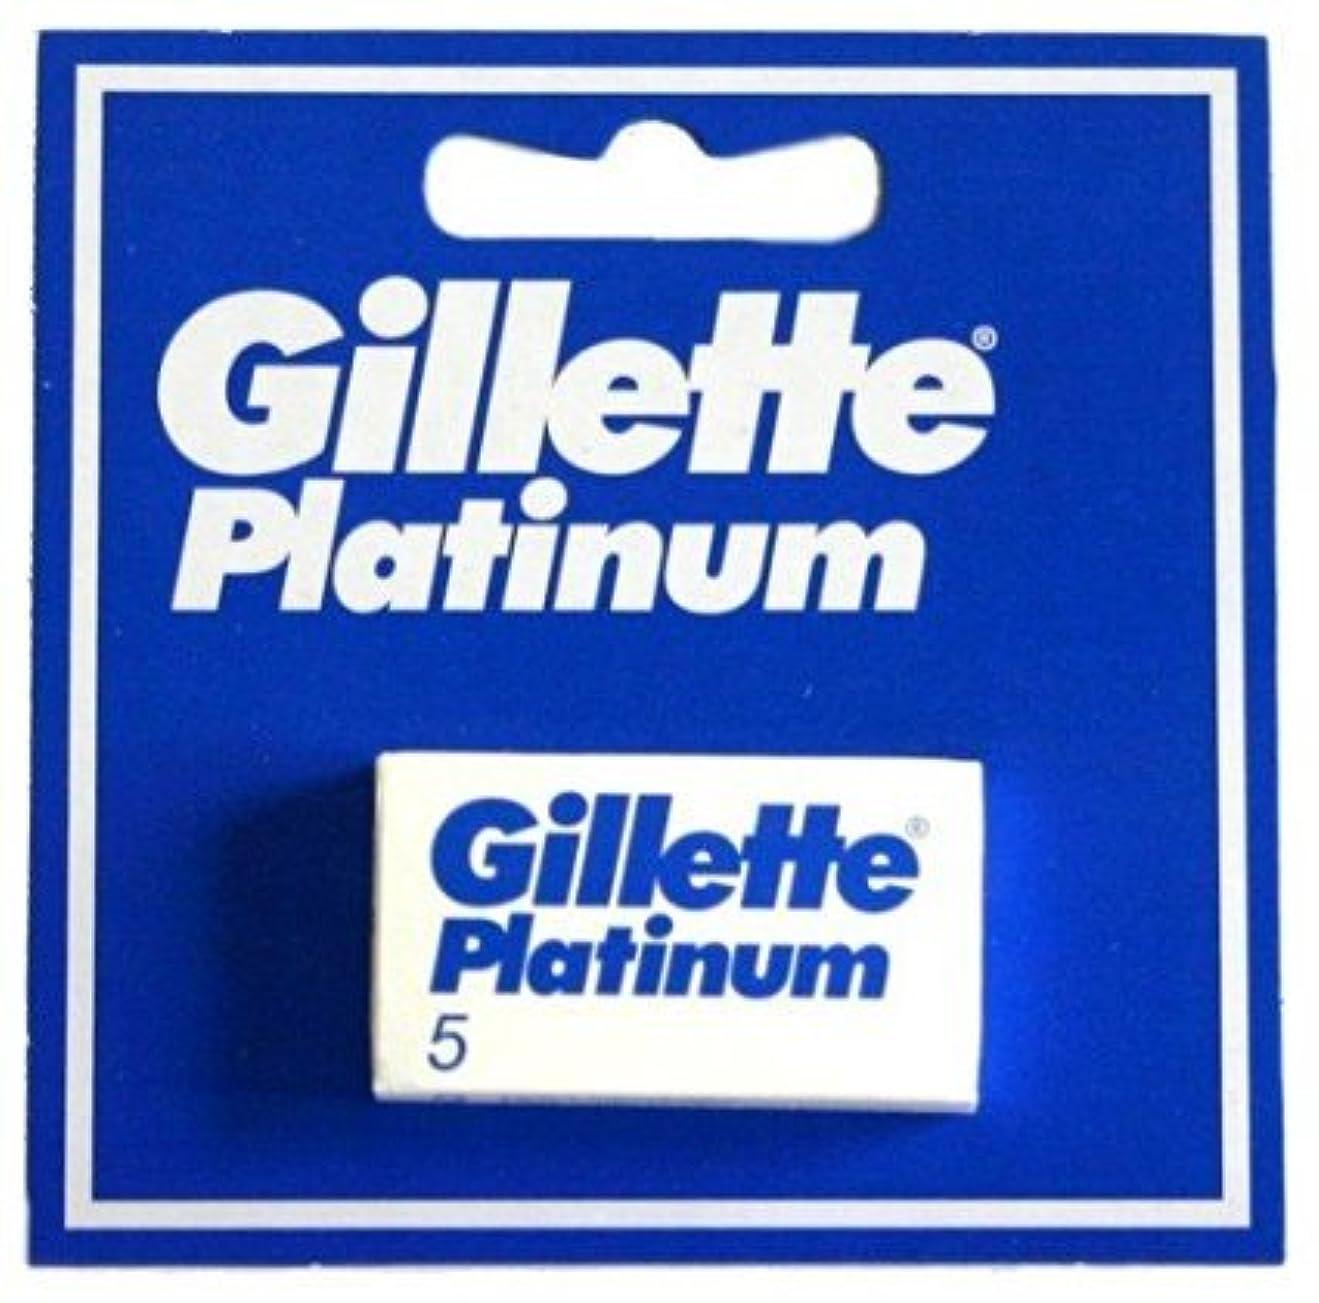 逆さまに強調する白内障Gillette Platinum [プレミアムホワイトボックス版!] ジレット プラチナ 両刃替刃 20個入り (5*4) [海外直送品] [並行輸入品]